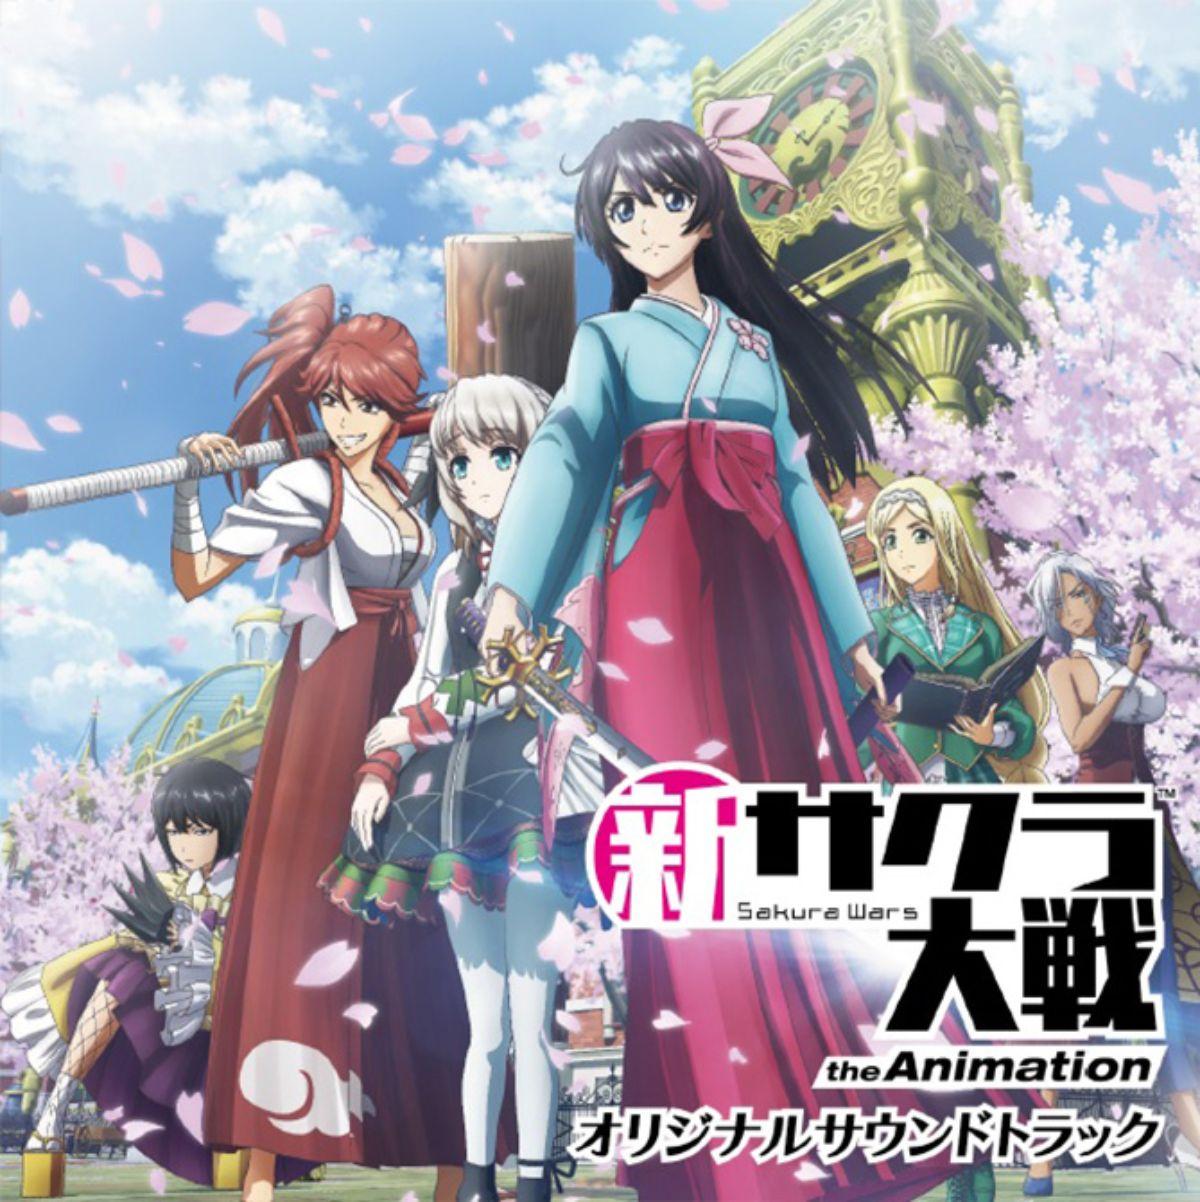 「新サクラ大戦 the Animation」オリジナルサウンドトラック